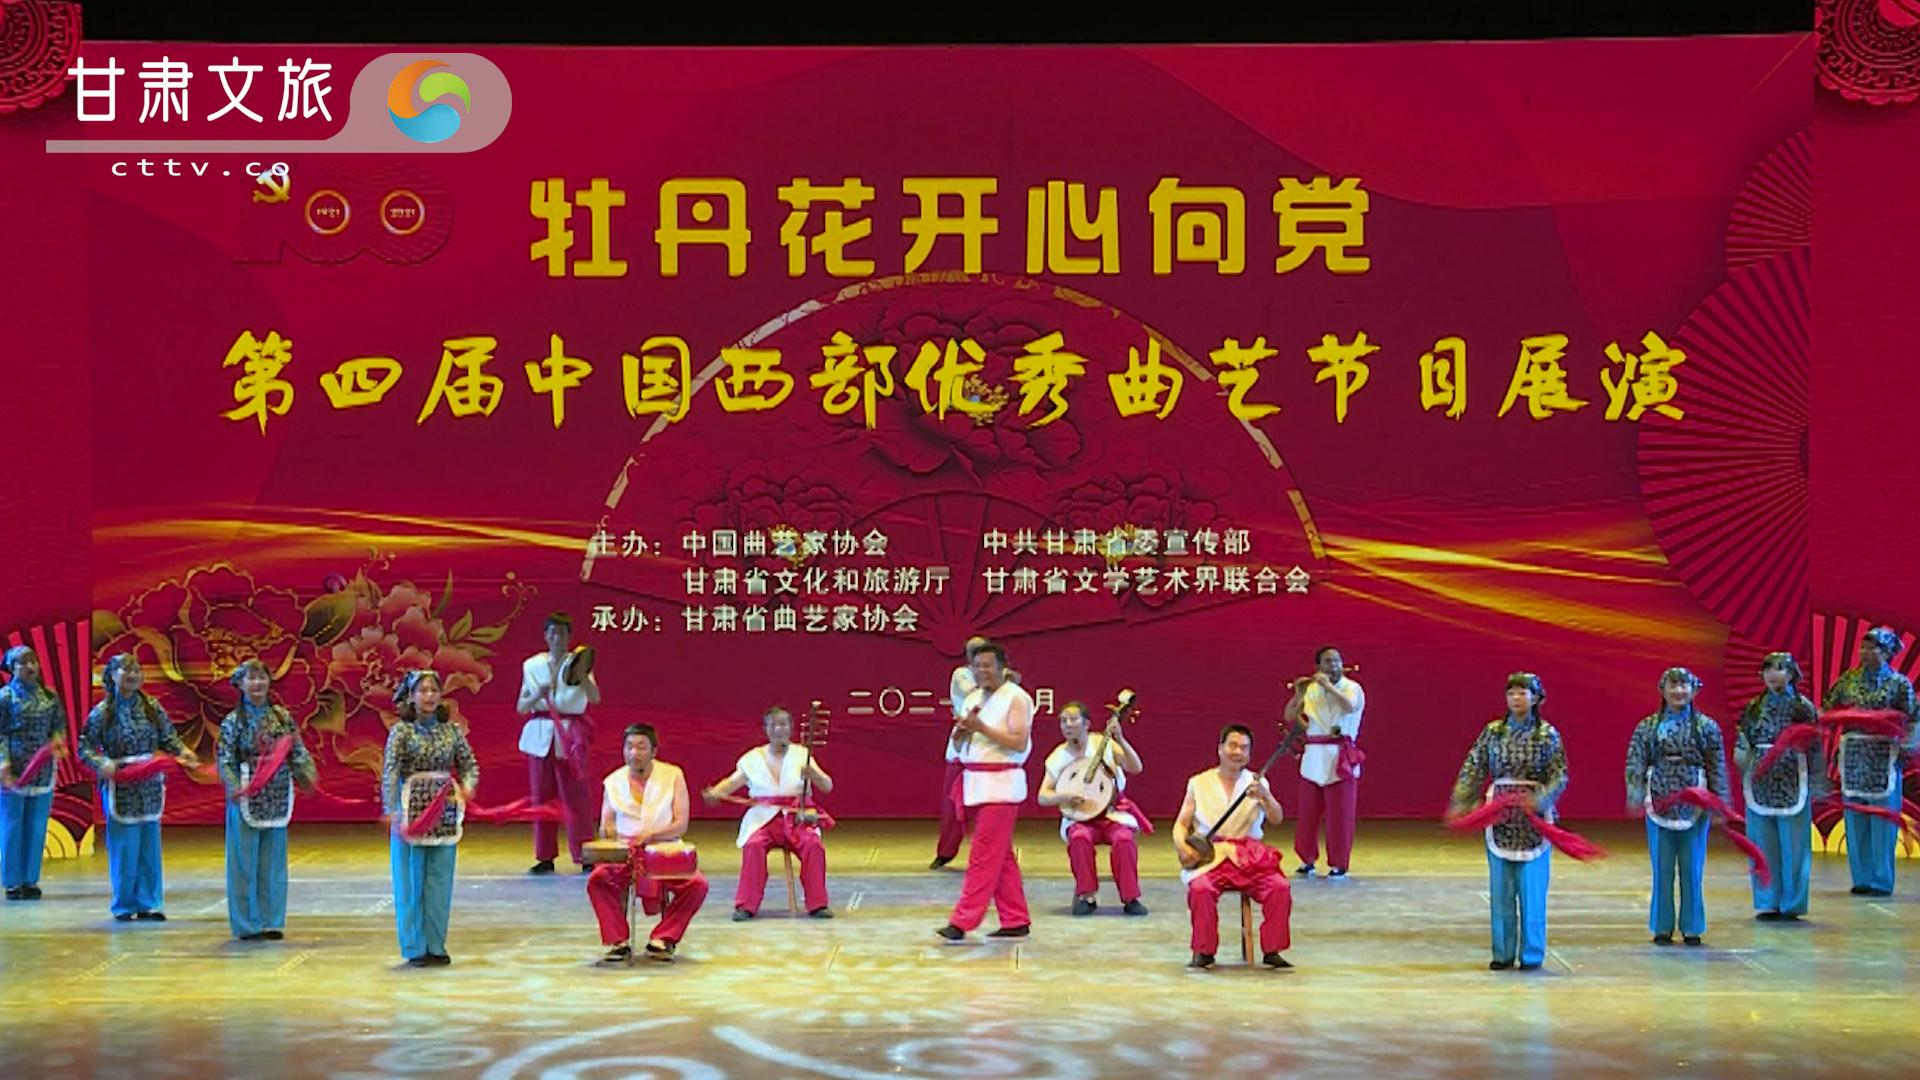 《百年历程复兴梦》——传统艺术登大堂,唱诵百年复兴梦